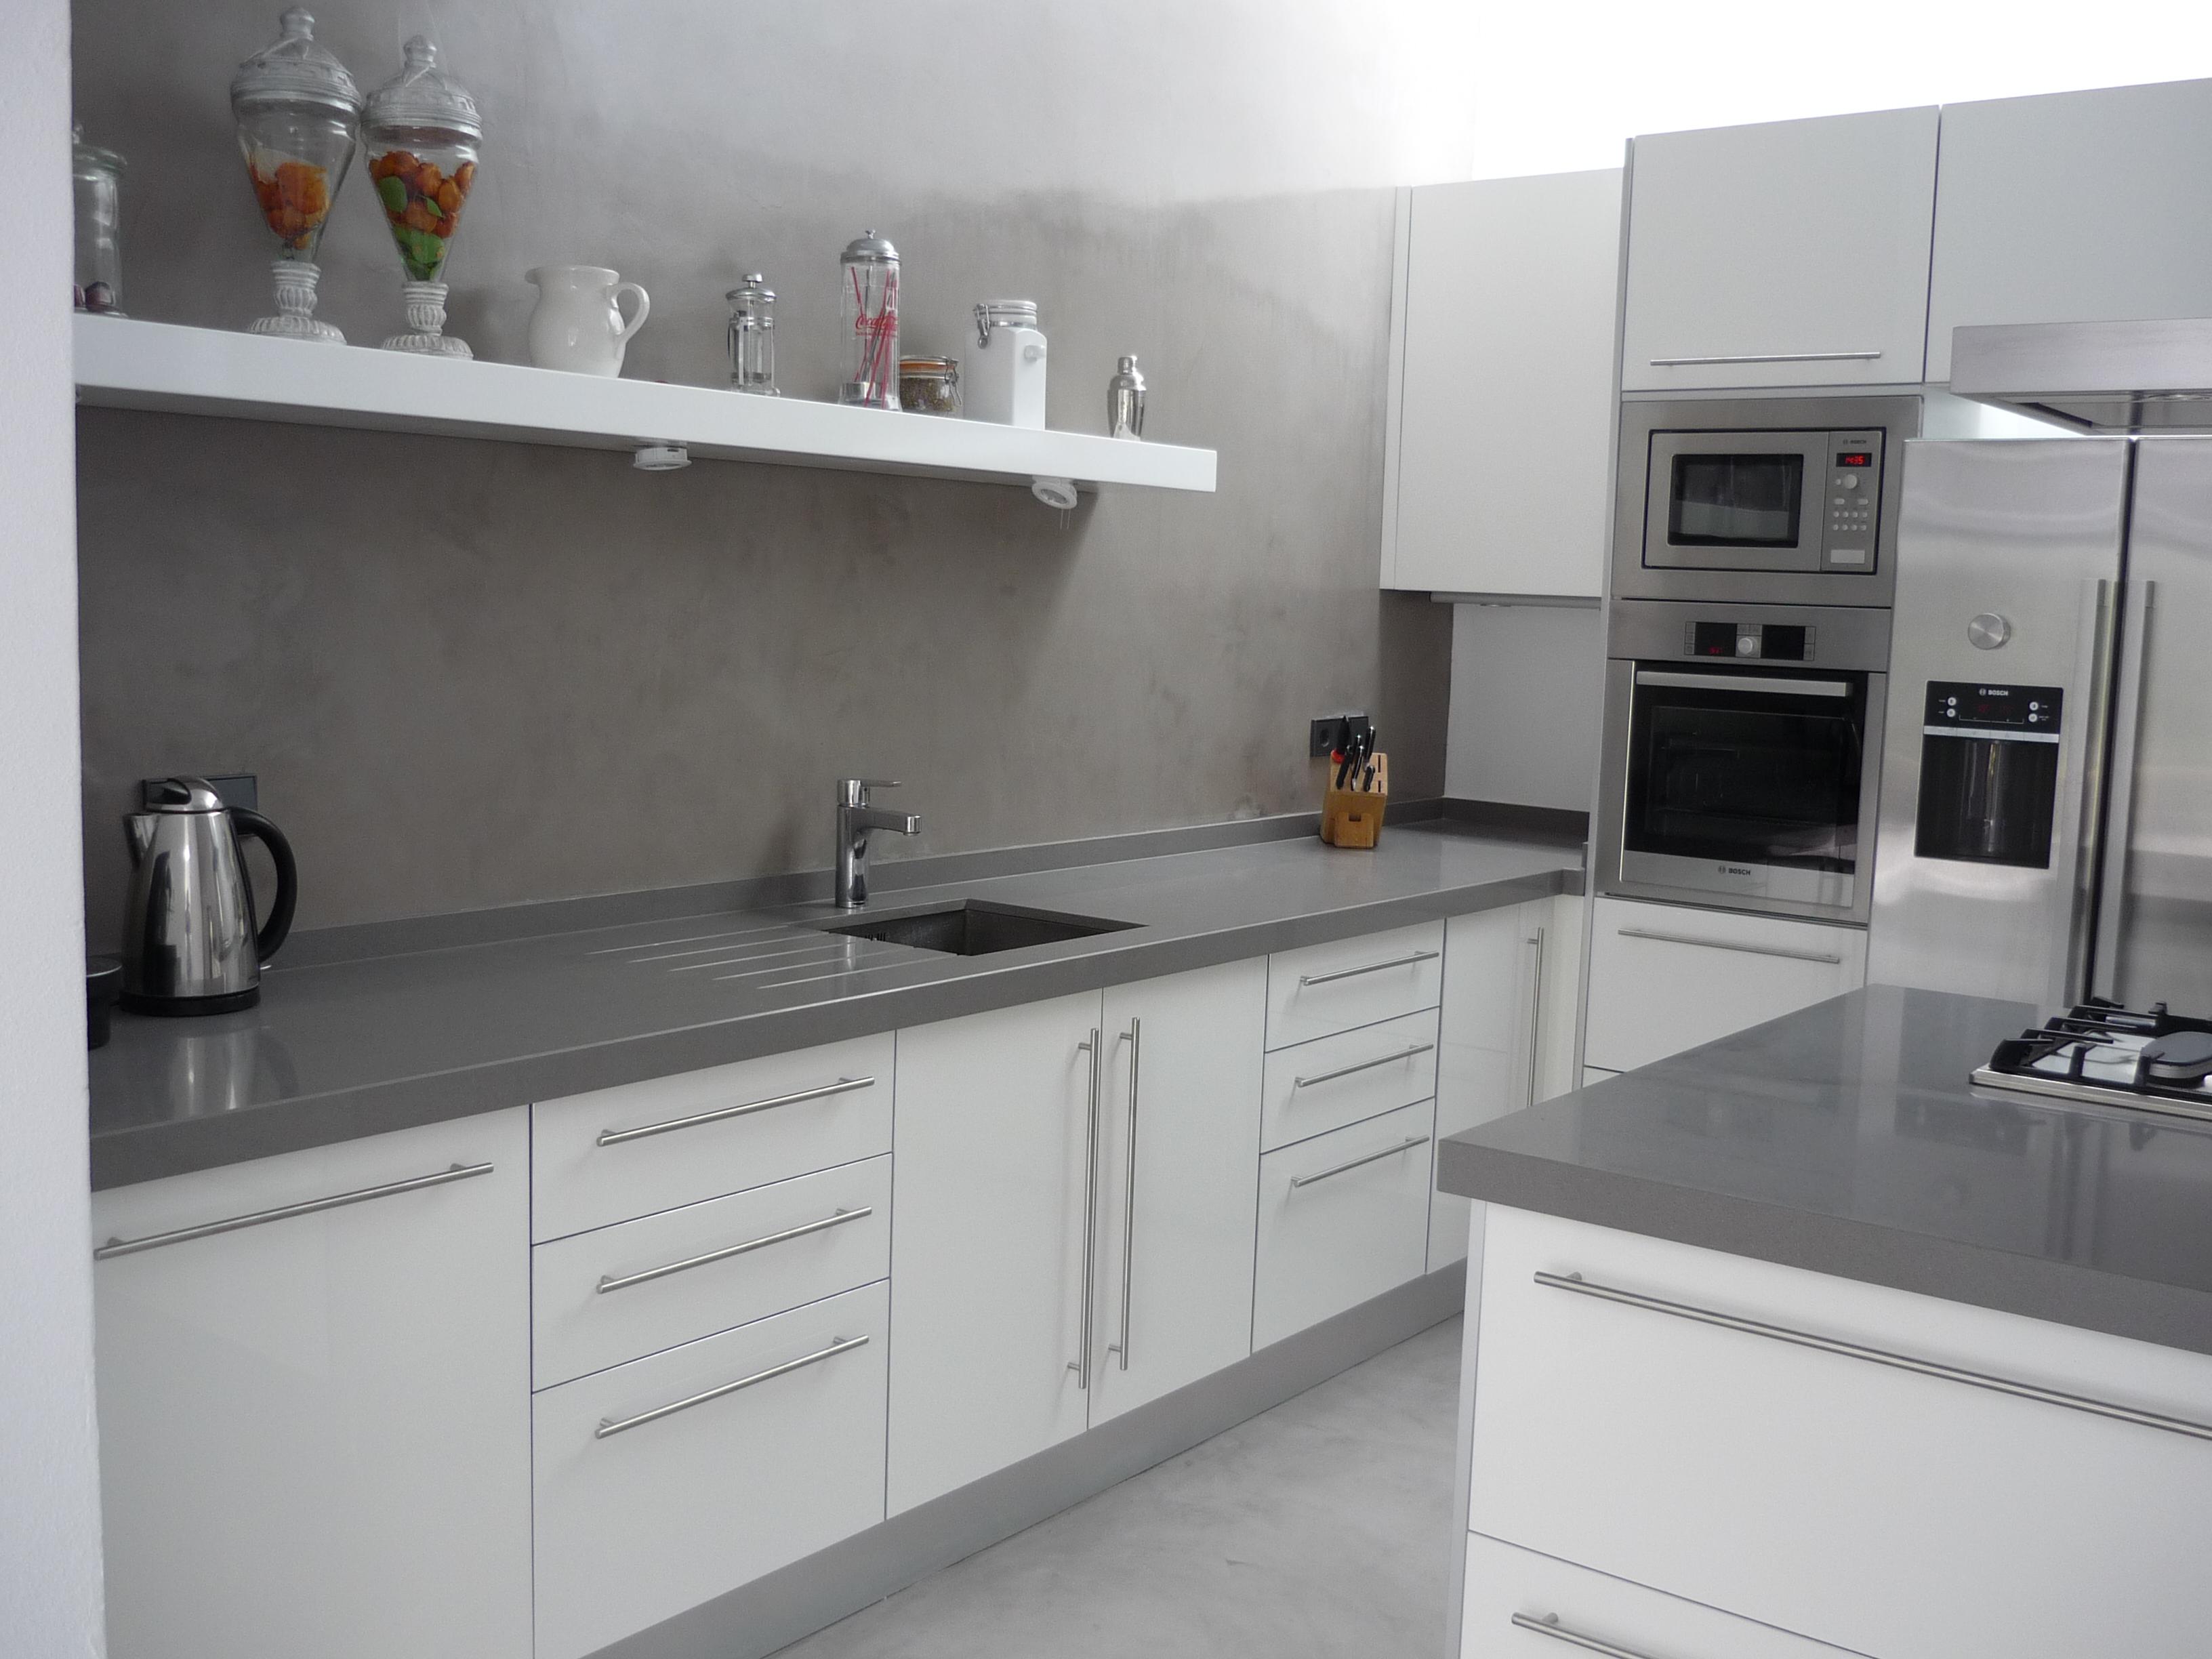 Cocina eivicuines acrilux blanco brillo eivicuines eva - Muebles para encimeras ...